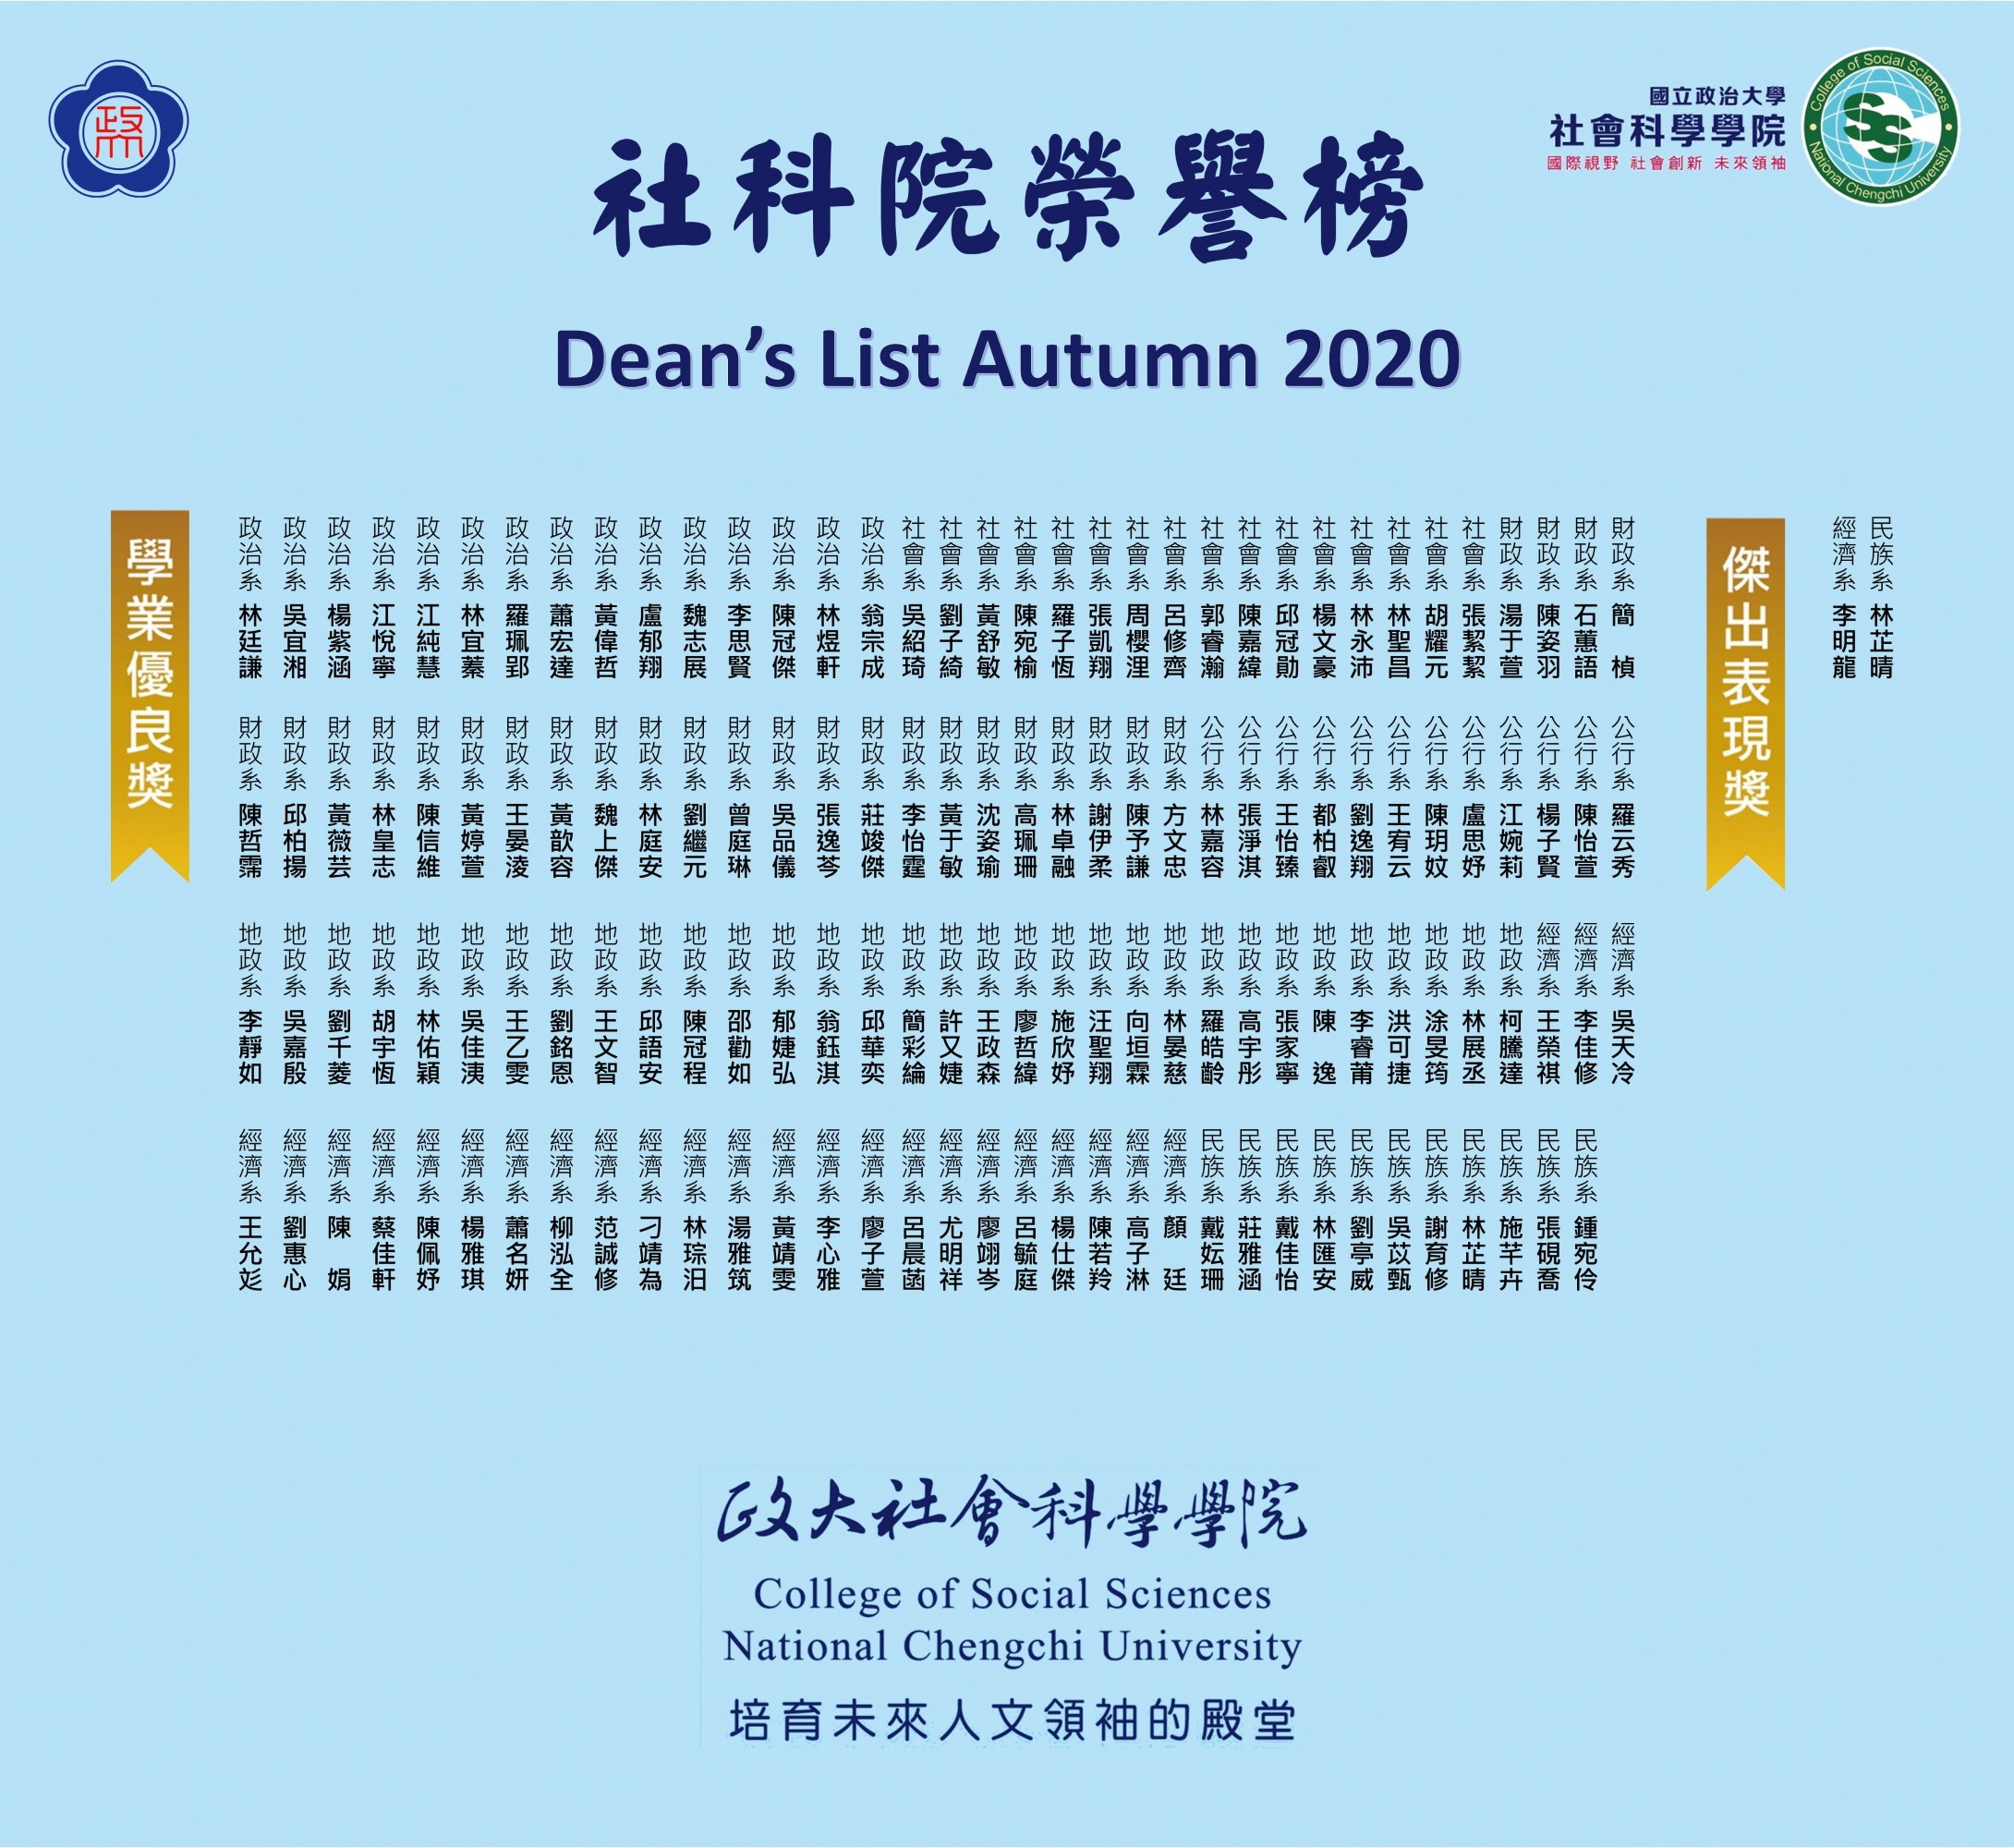 109.12.31社會科學學院108學年度第2學期優秀學生榮譽榜